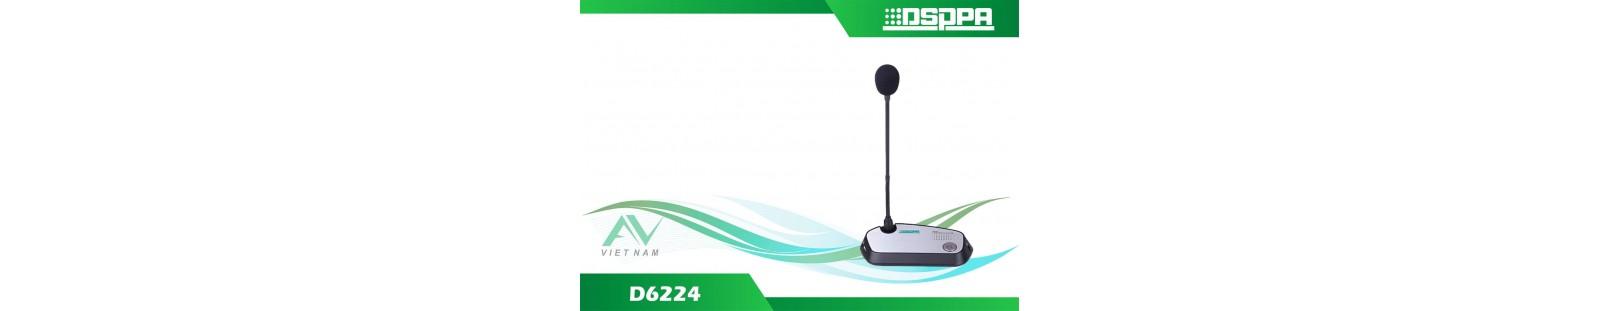 DSPPA D6224 - Micro đại biểu có dây